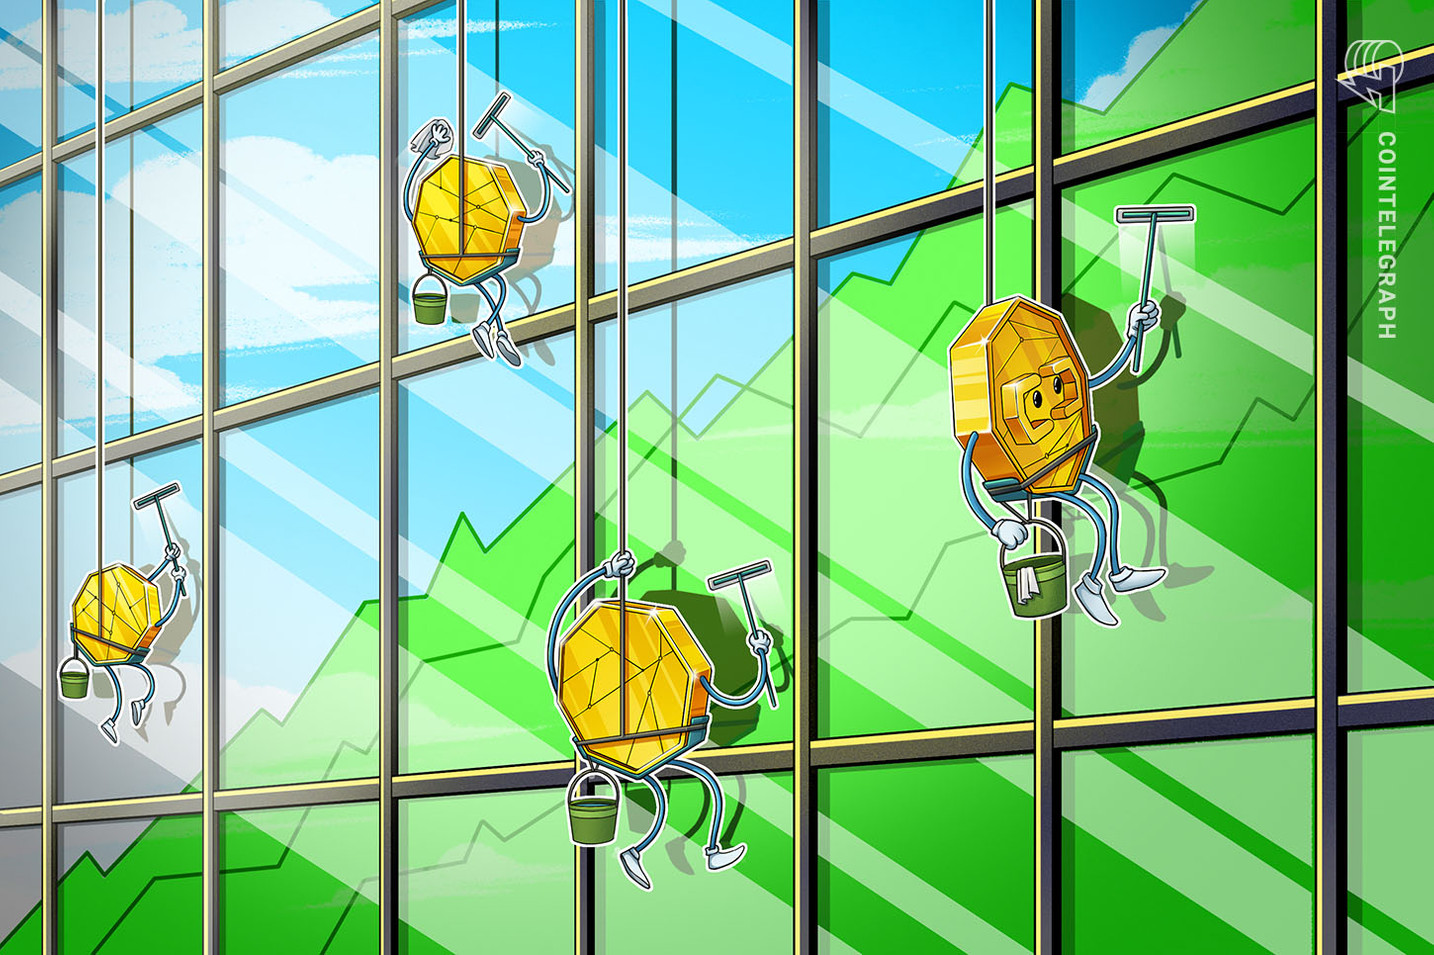 仮想通貨イーサ、ハードフォーク後も安定した推移【ニュース】